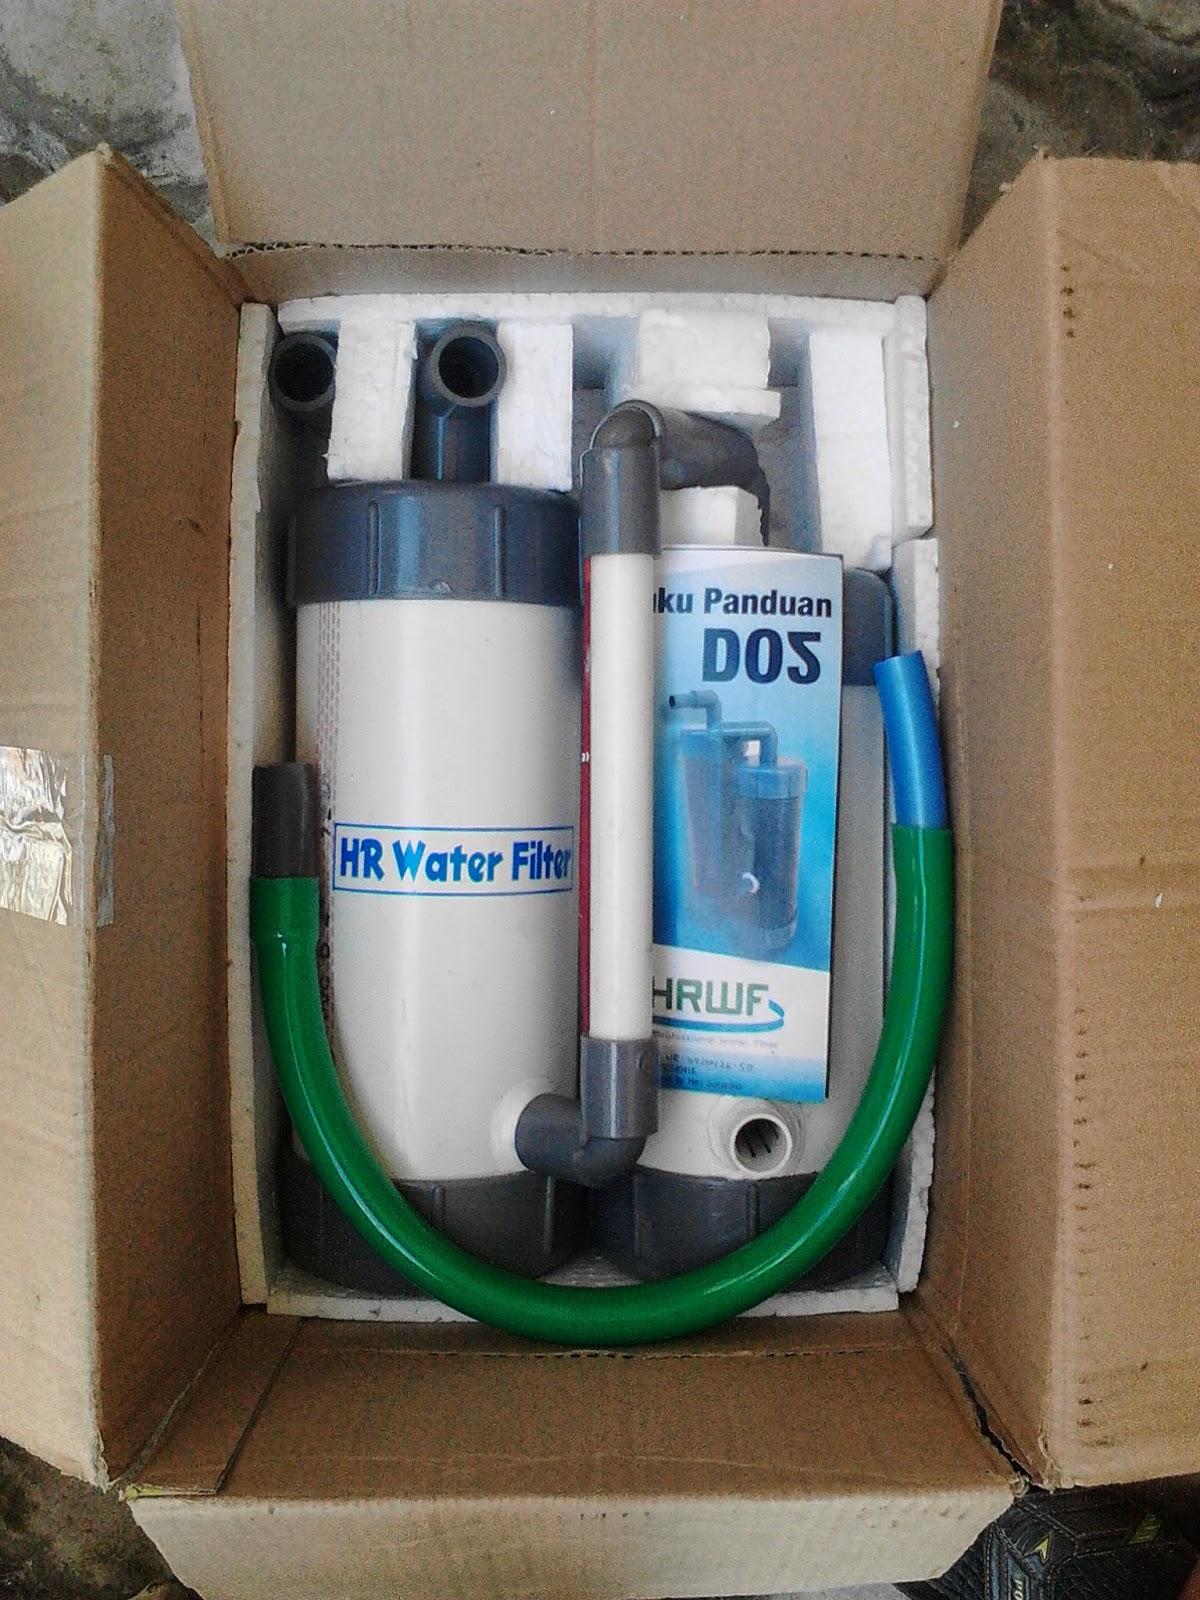 Hr Water Filter Dos Power Keran Tutup Pipa Filtrasi Aquarium Dan Aquascape Merupakan Air Murah Solusi Tepat Bagi Kebutuhan Keluarga Indonesia Dengan Harga Paling Desain Yang Minimalis